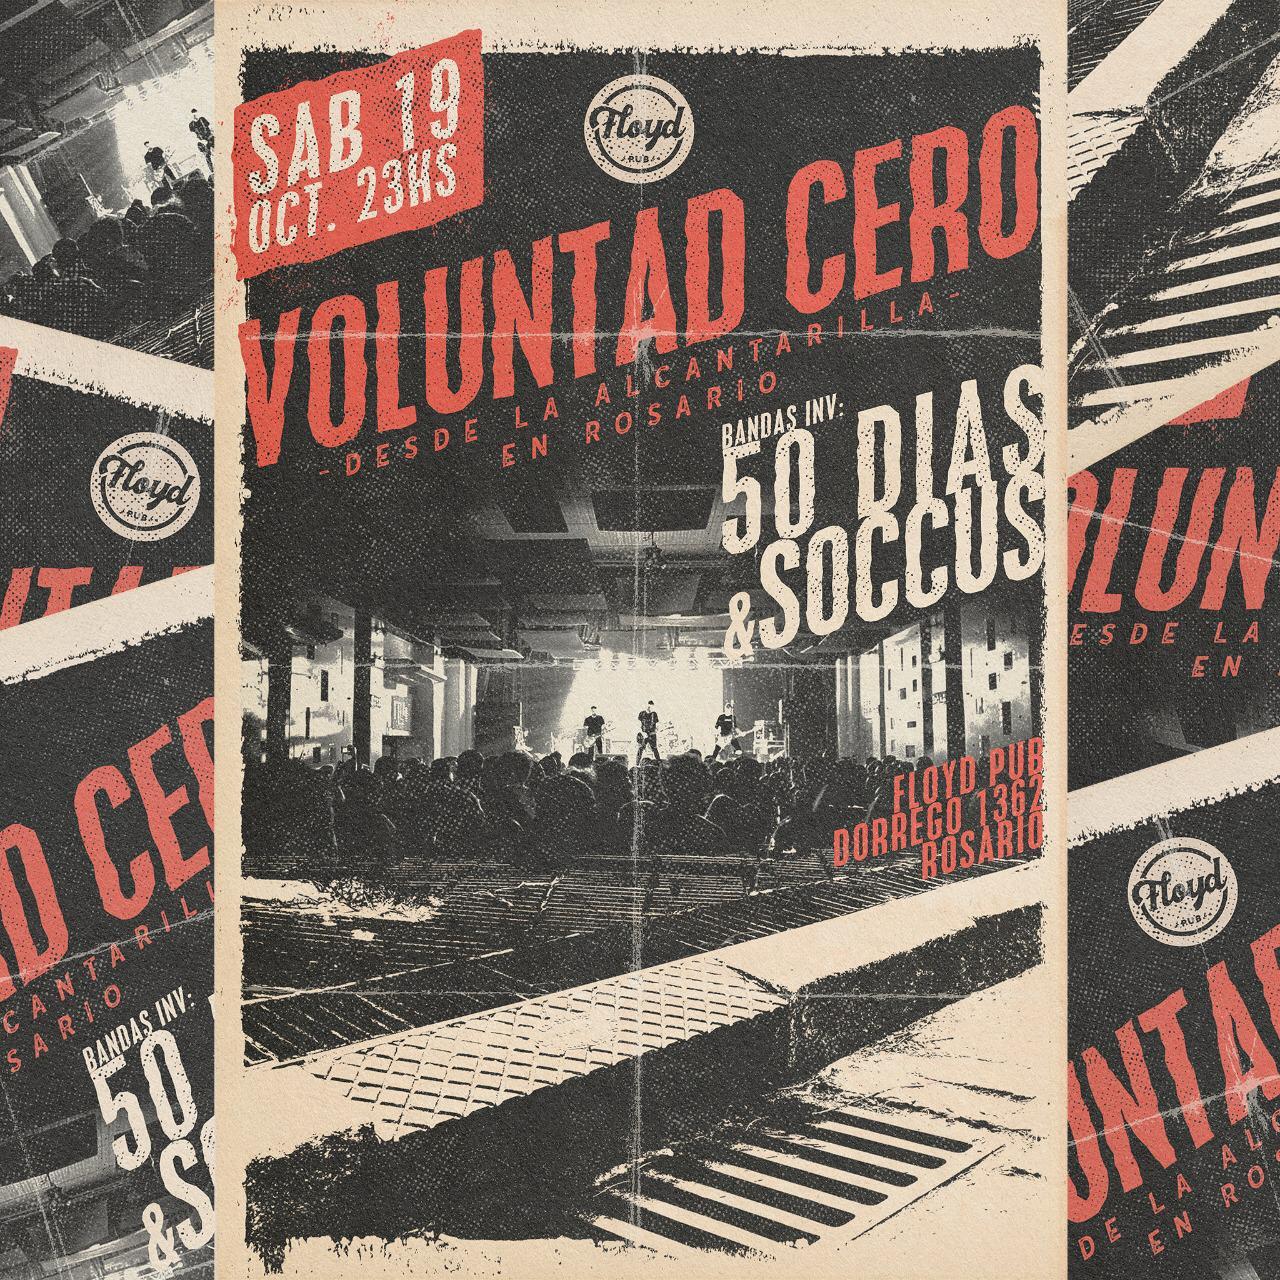 ¡Voluntad Cero presenta su nuevo disco!